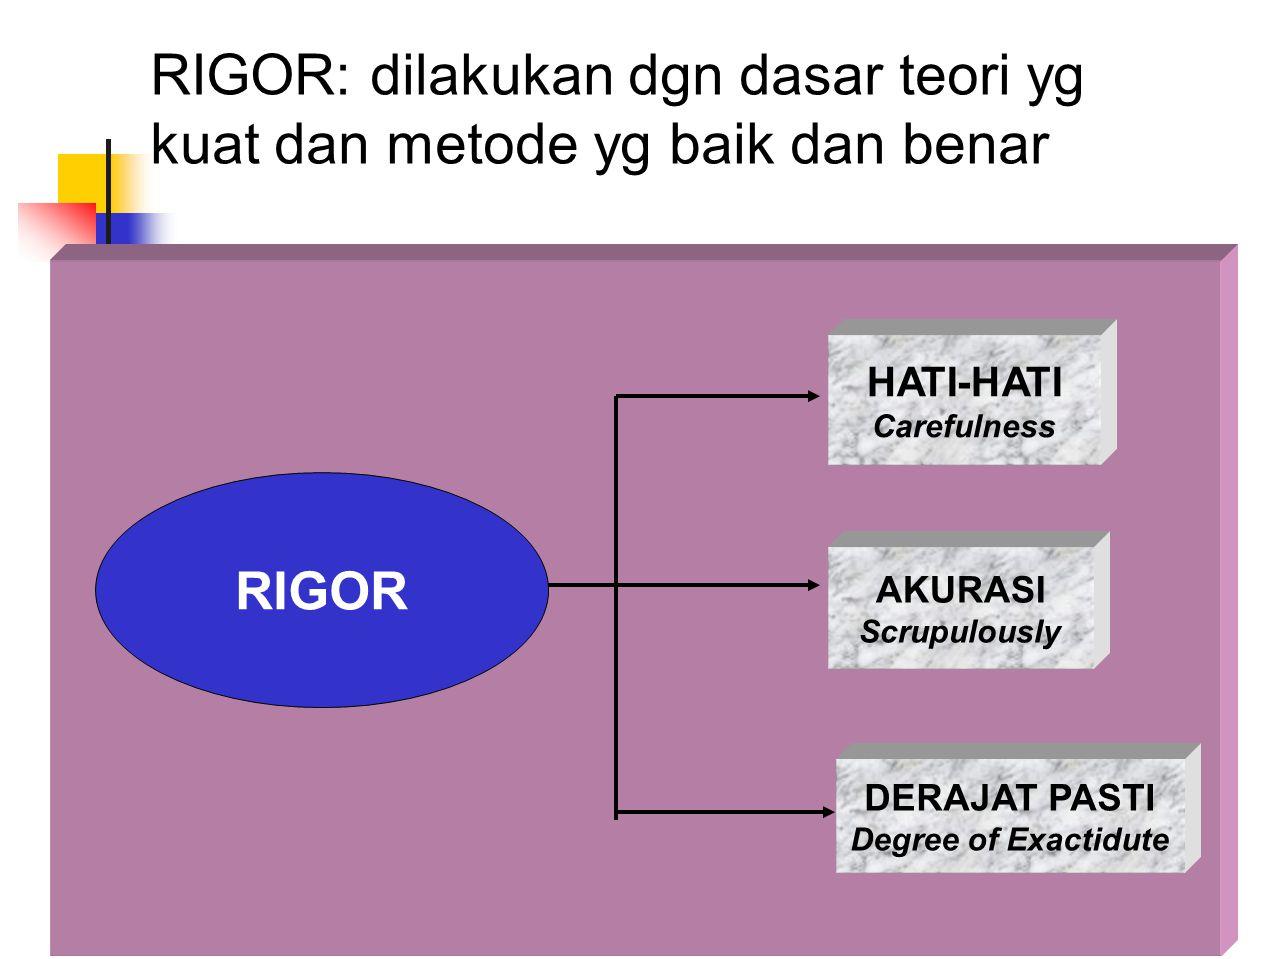 RIGOR: dilakukan dgn dasar teori yg kuat dan metode yg baik dan benar